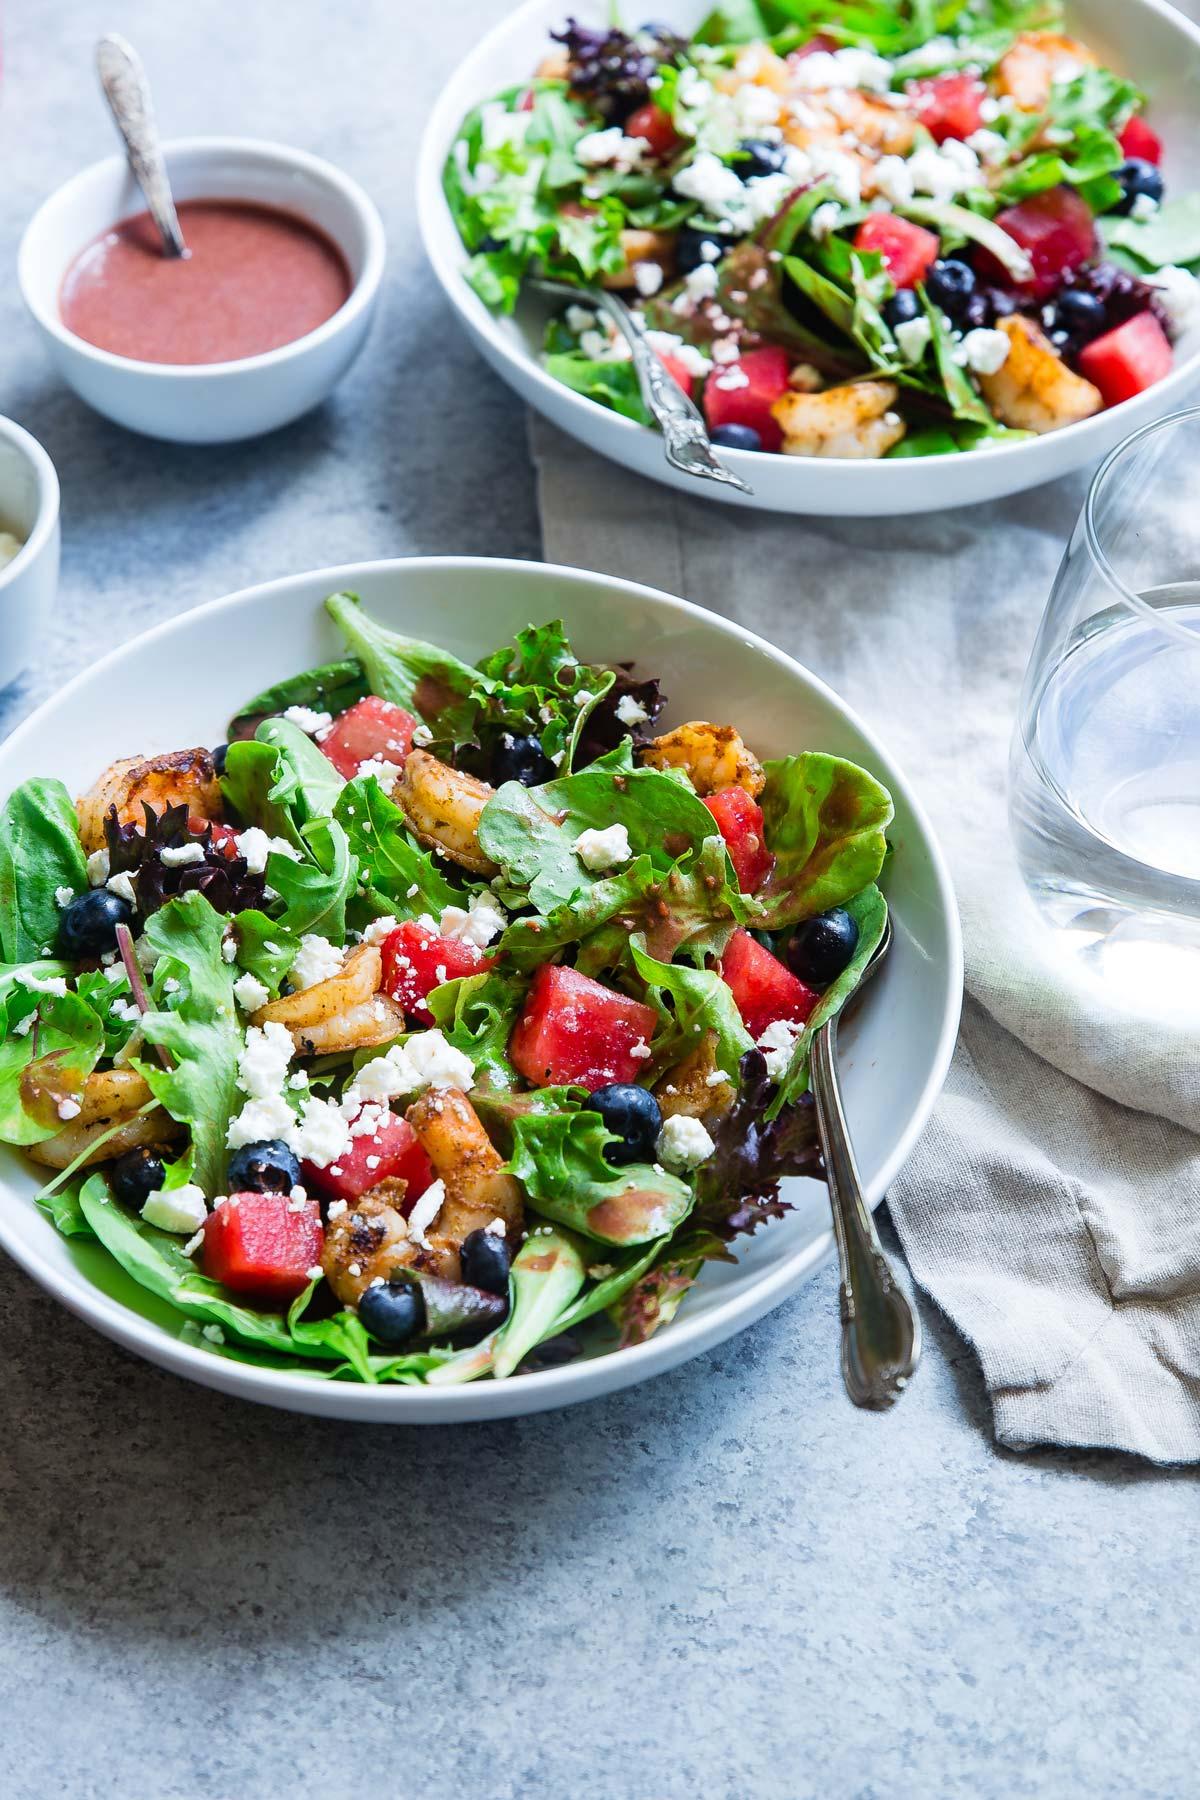 salade cesar, ceasar salad homemade